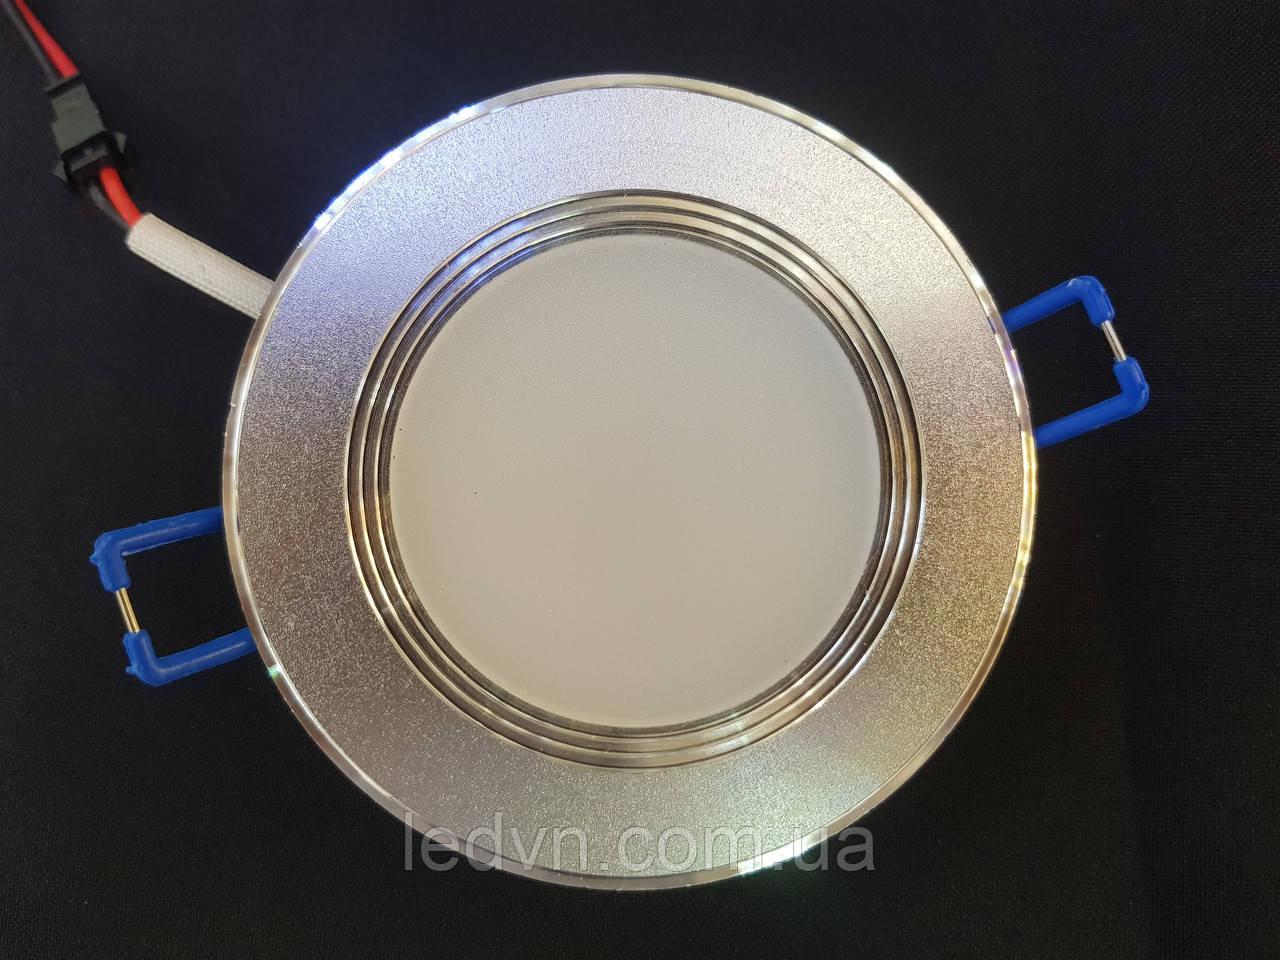 Декоративный врезной точечный светильник 5w